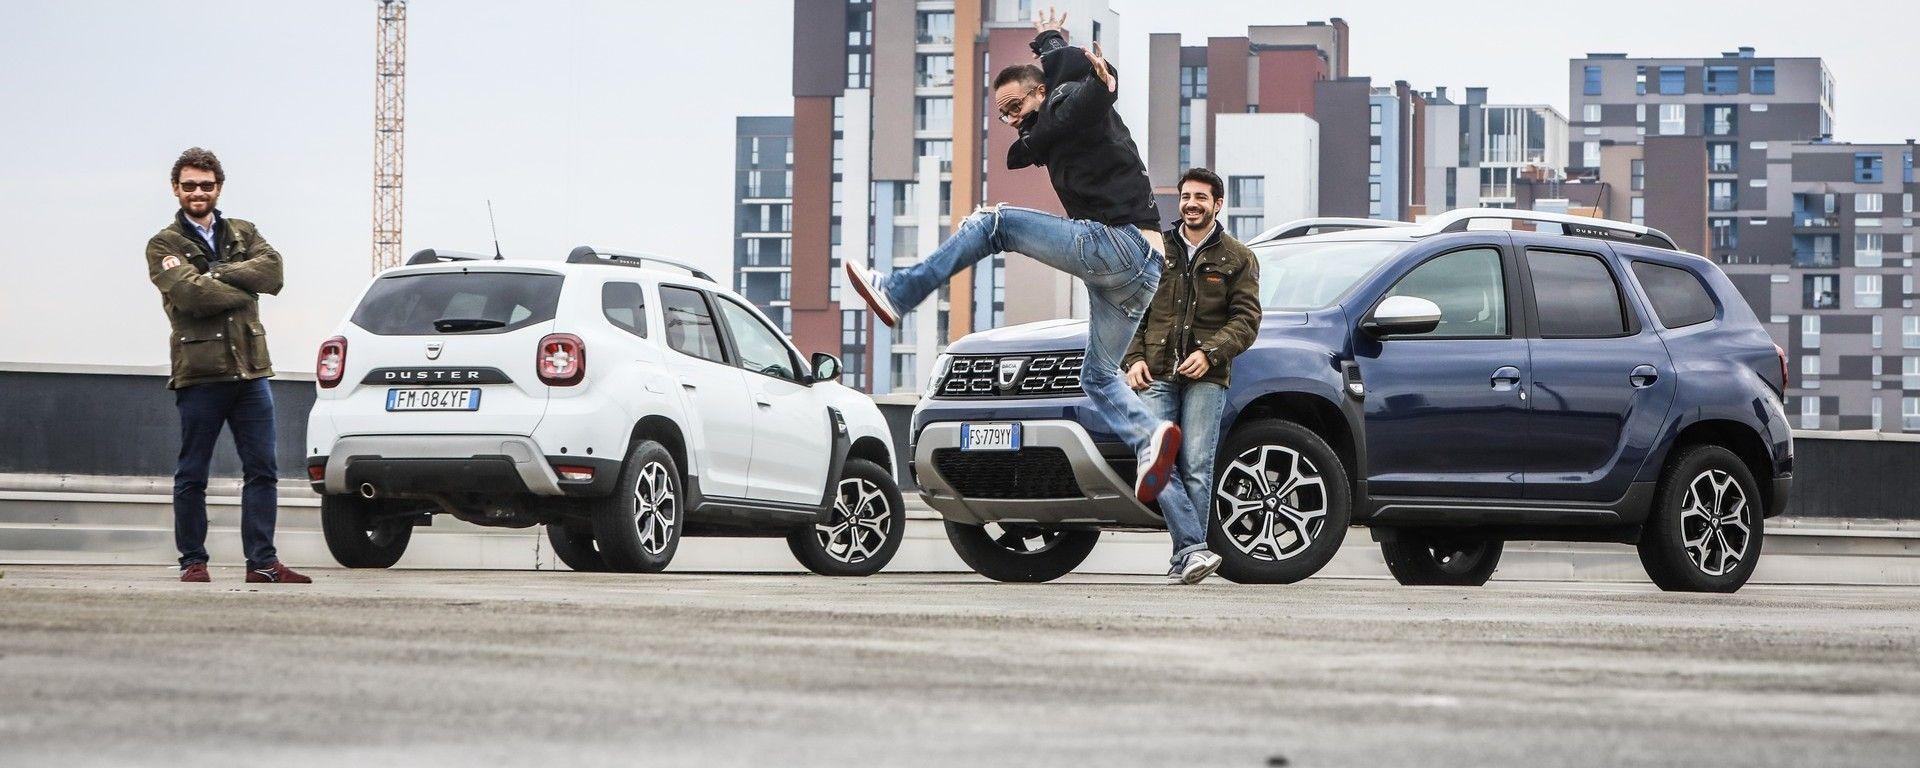 Prova comparativa: meglio Dacia Duster GPL o Dacia Duster diesel?